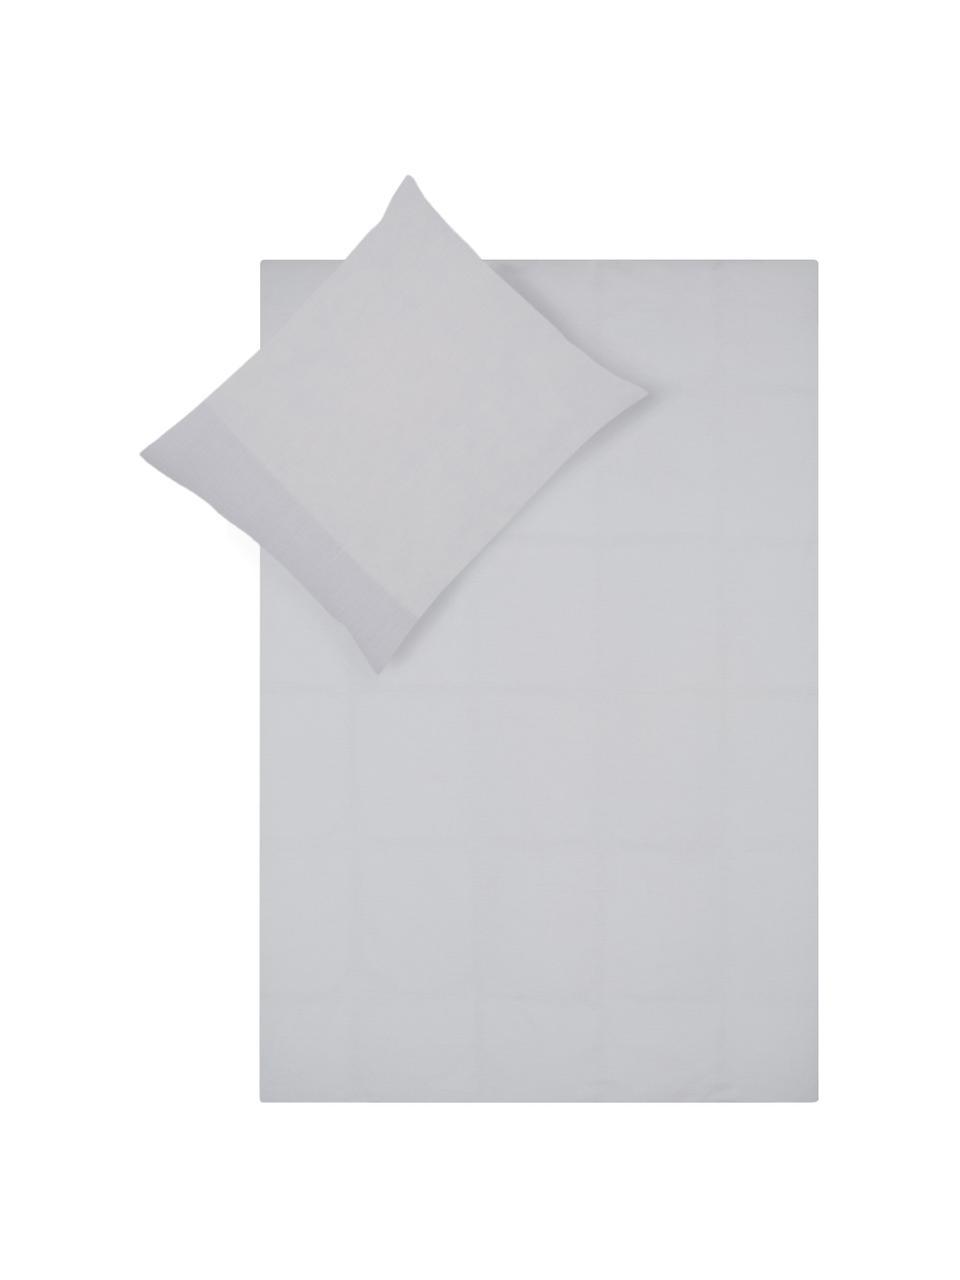 Renforcé dekbedovertrek Chambre, Weeftechniek: renforcé, Lichtgrijs, 140 x 220 cm